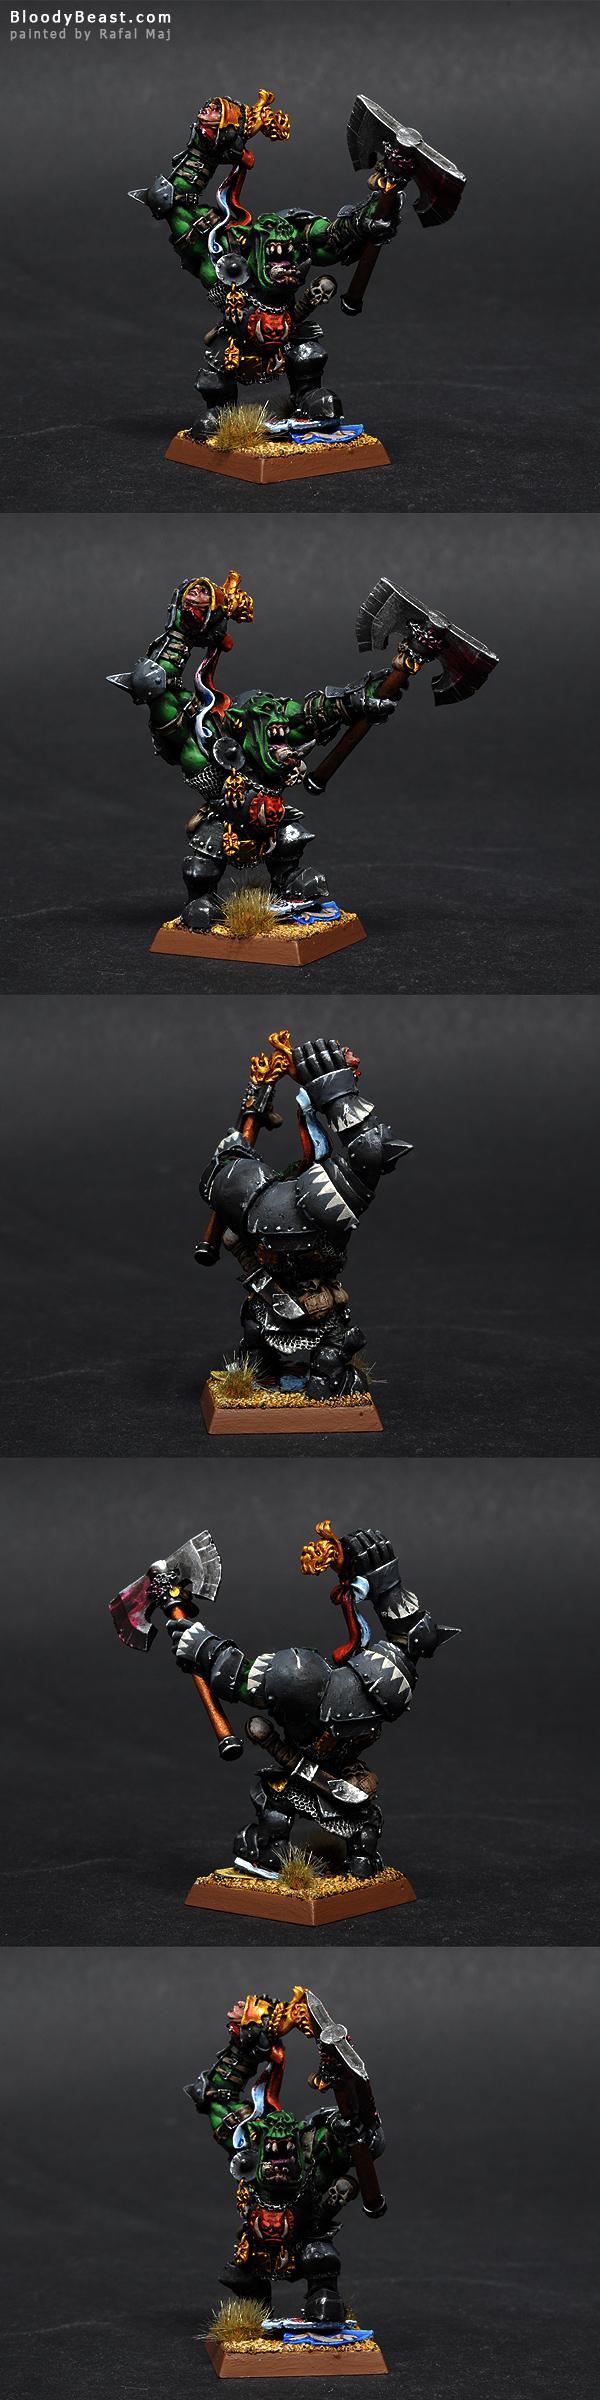 Grimgor Ironhide painted by Rafal Maj (BloodyBeast.com)